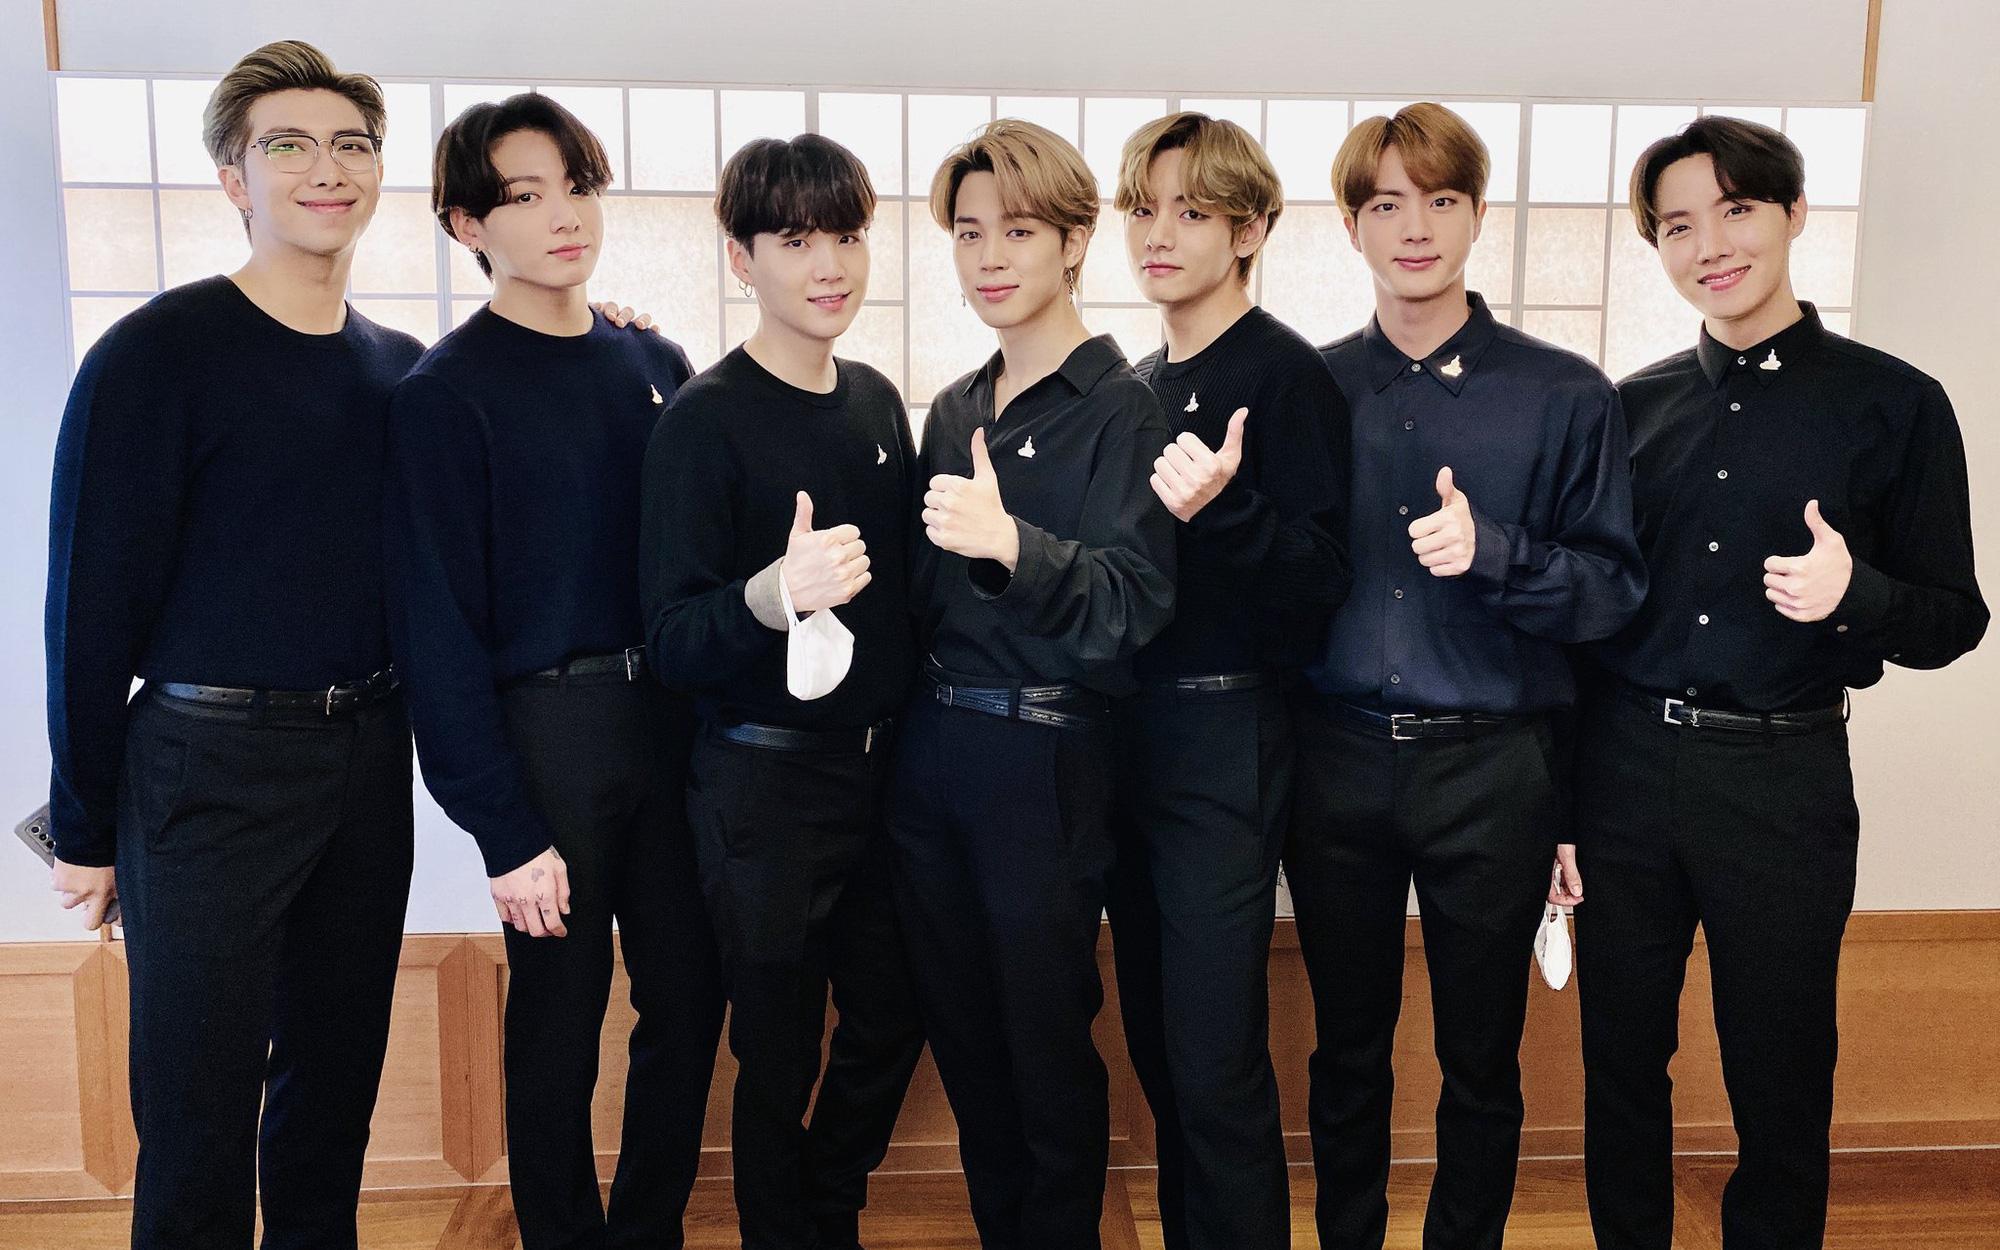 Xôn xao việc BTS nộp đề cử Grammy 2021, liệu boygroup nhà Big Hit có tiếp tục viết nên lịch sử?